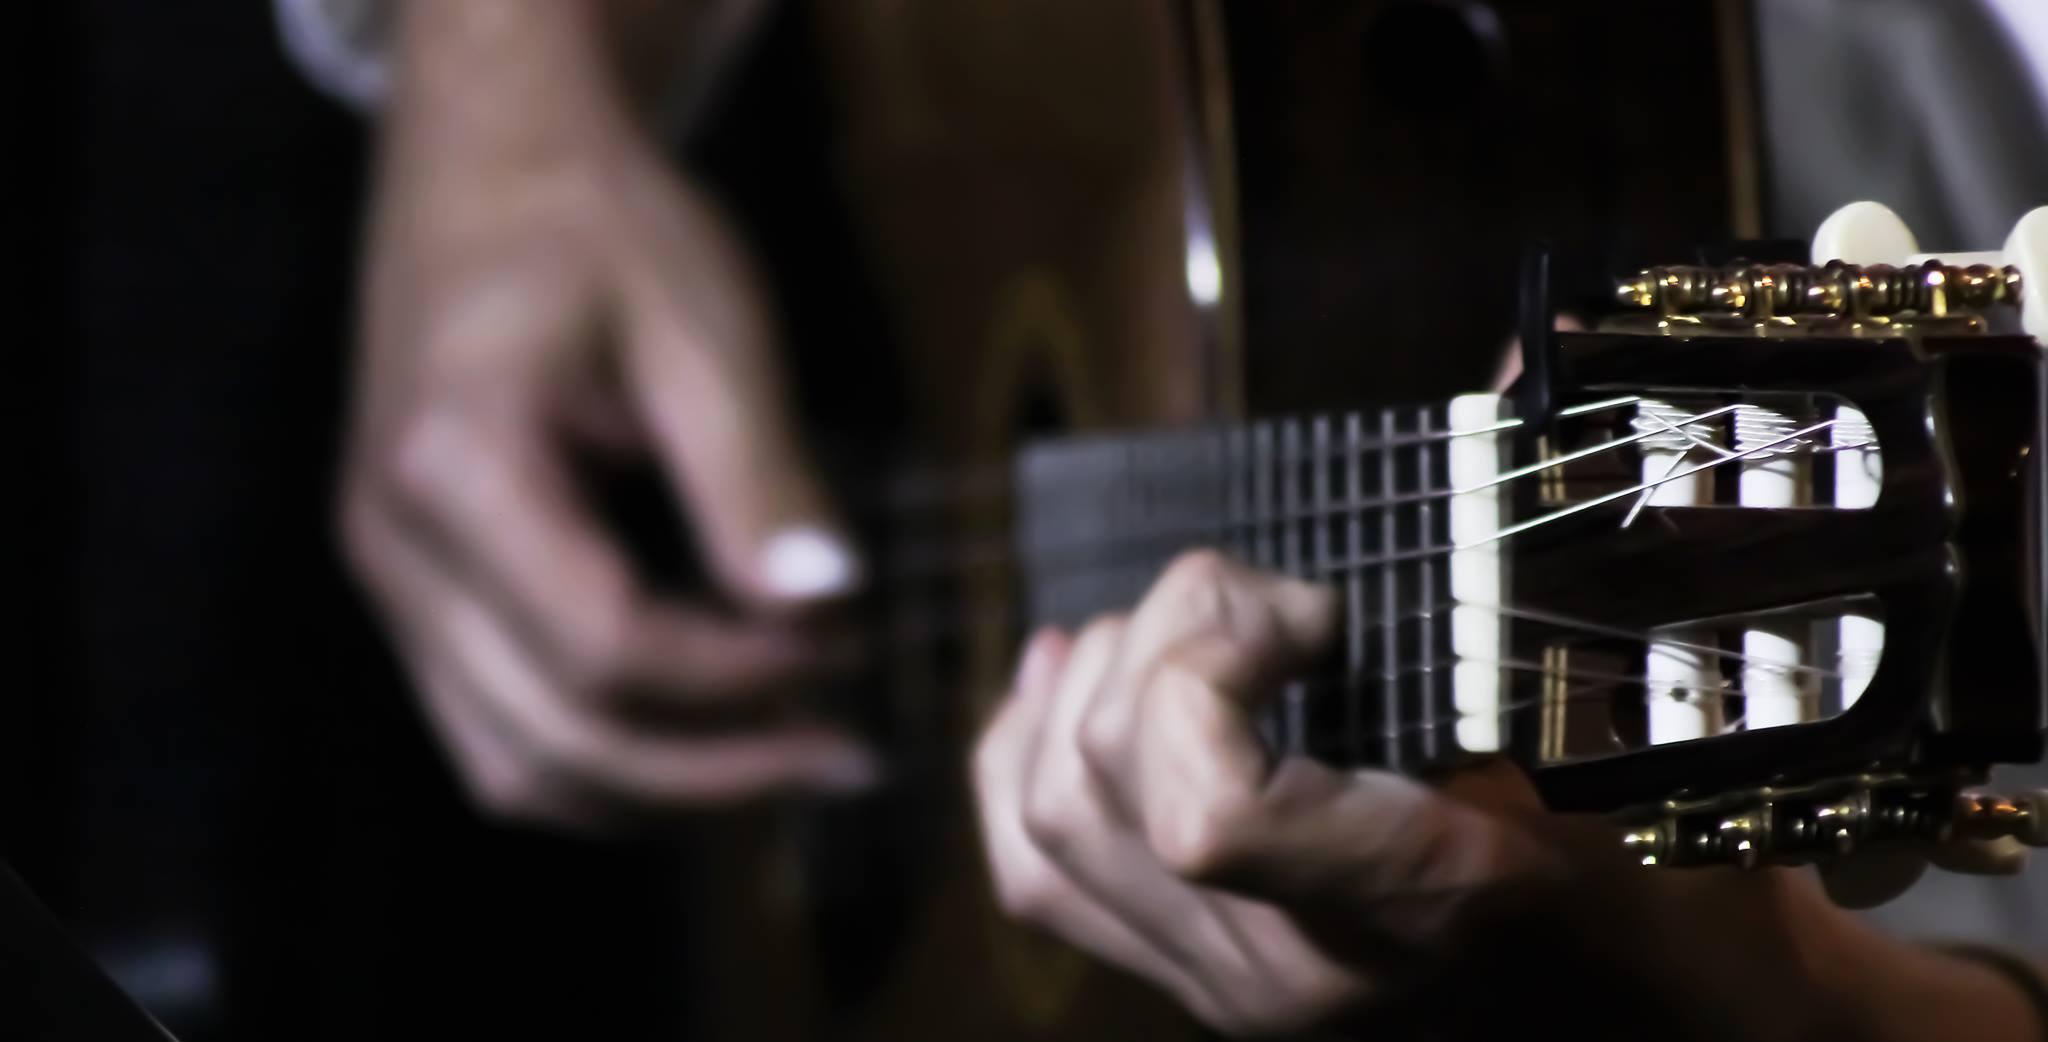 Saitenspiele: Martin Wesely und sein Gitarren-Zauber